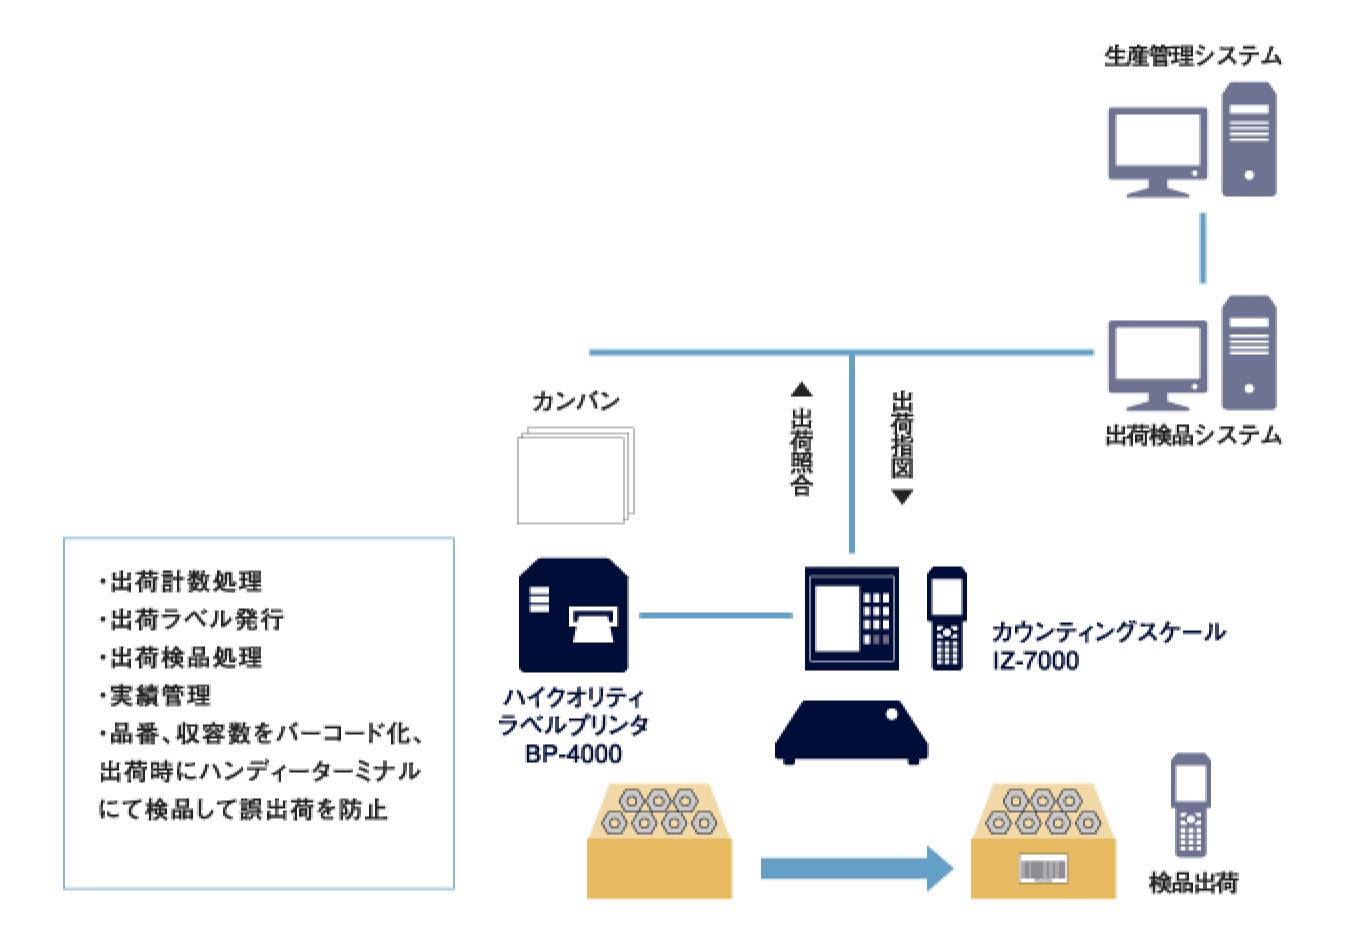 生産管理システム - 出荷検品システム - 出荷計数処理,出荷ラベル発行,出荷検品処理,実績管理,品番、収容数をバーコード化、出荷時にハンディーターミナルにて検品して誤出荷を防止